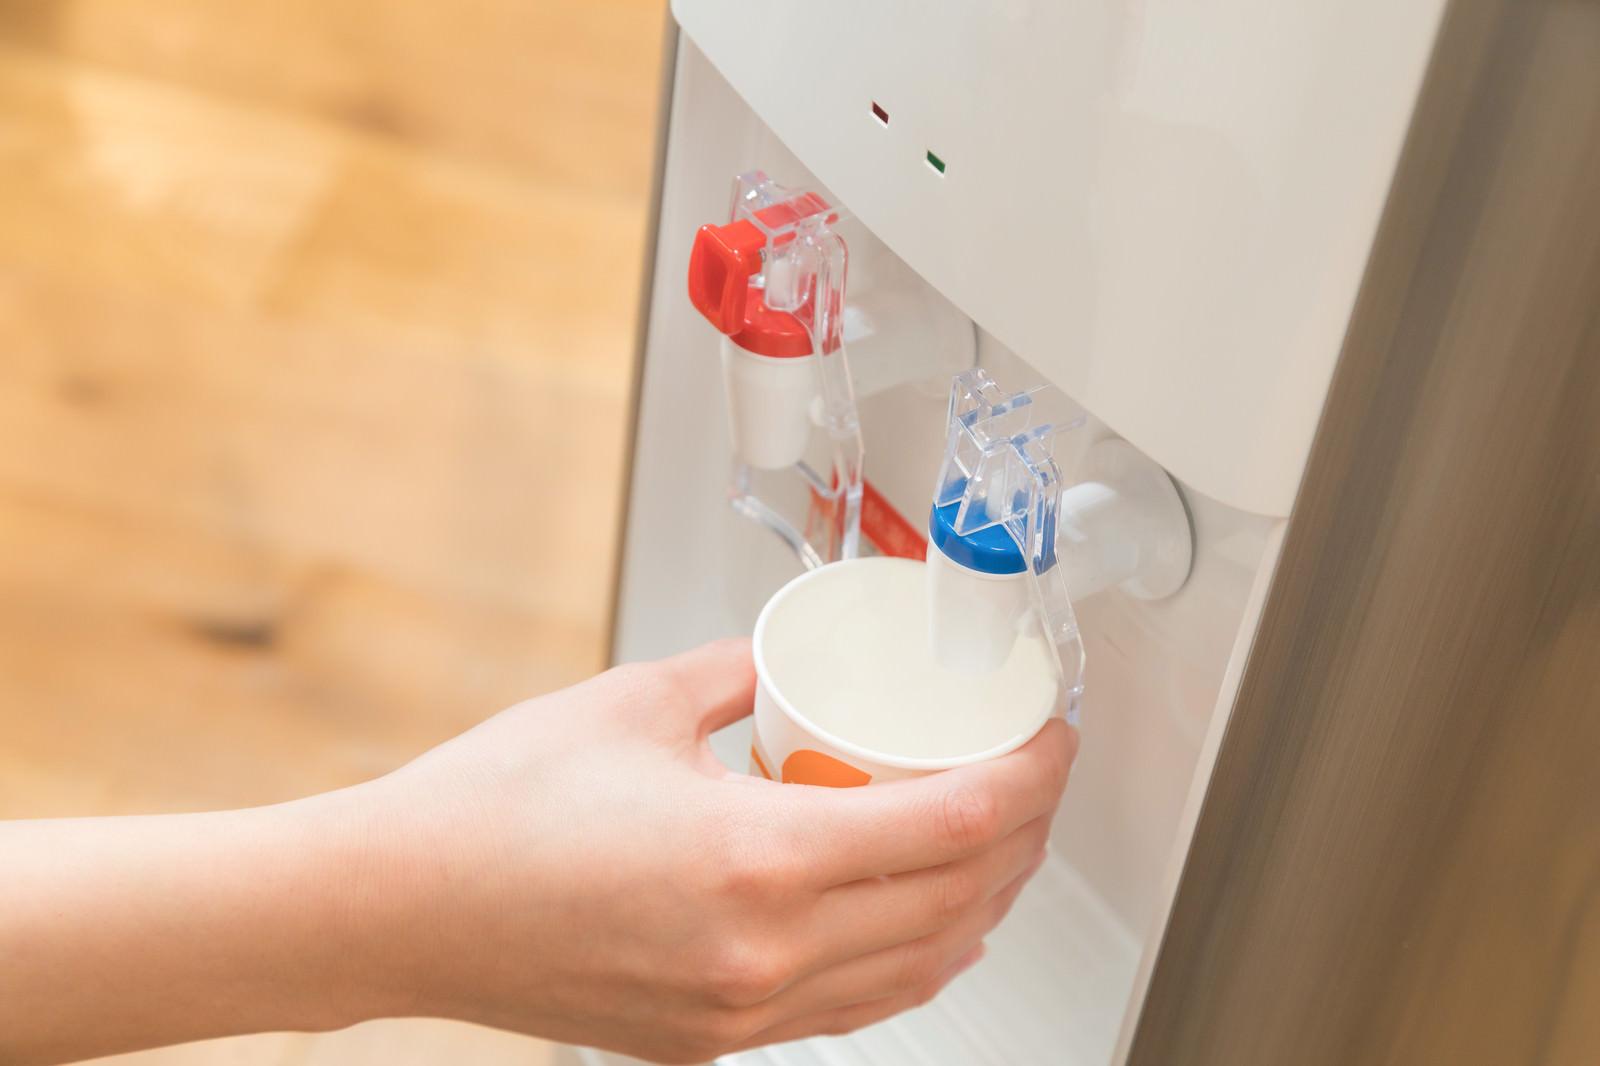 「ウォーターサーバーで冷たい水を入れるウォーターサーバーで冷たい水を入れる」のフリー写真素材を拡大